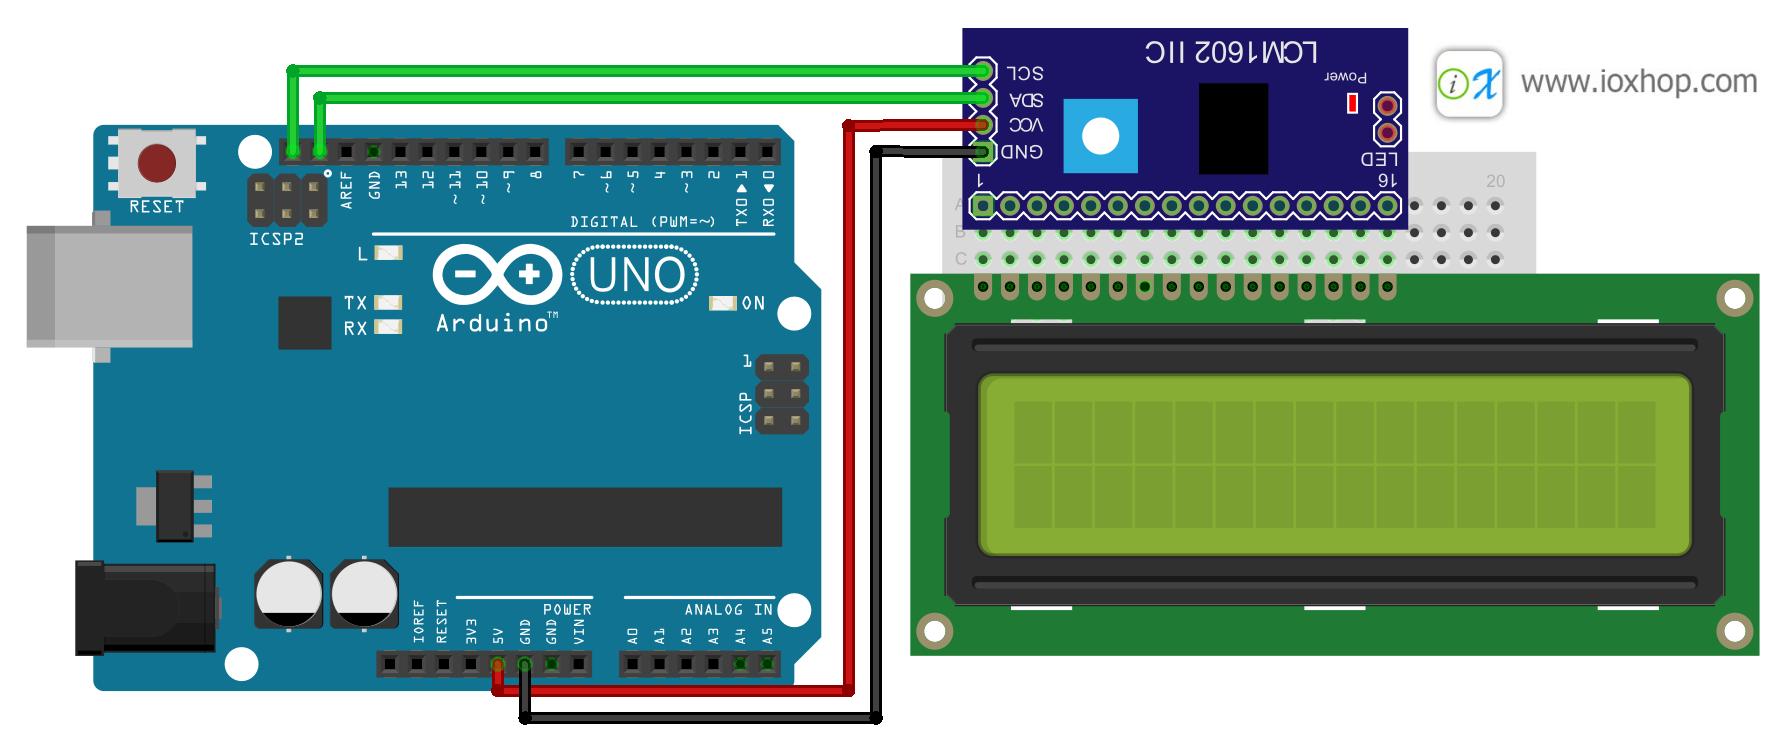 LCD Custom Character Generator